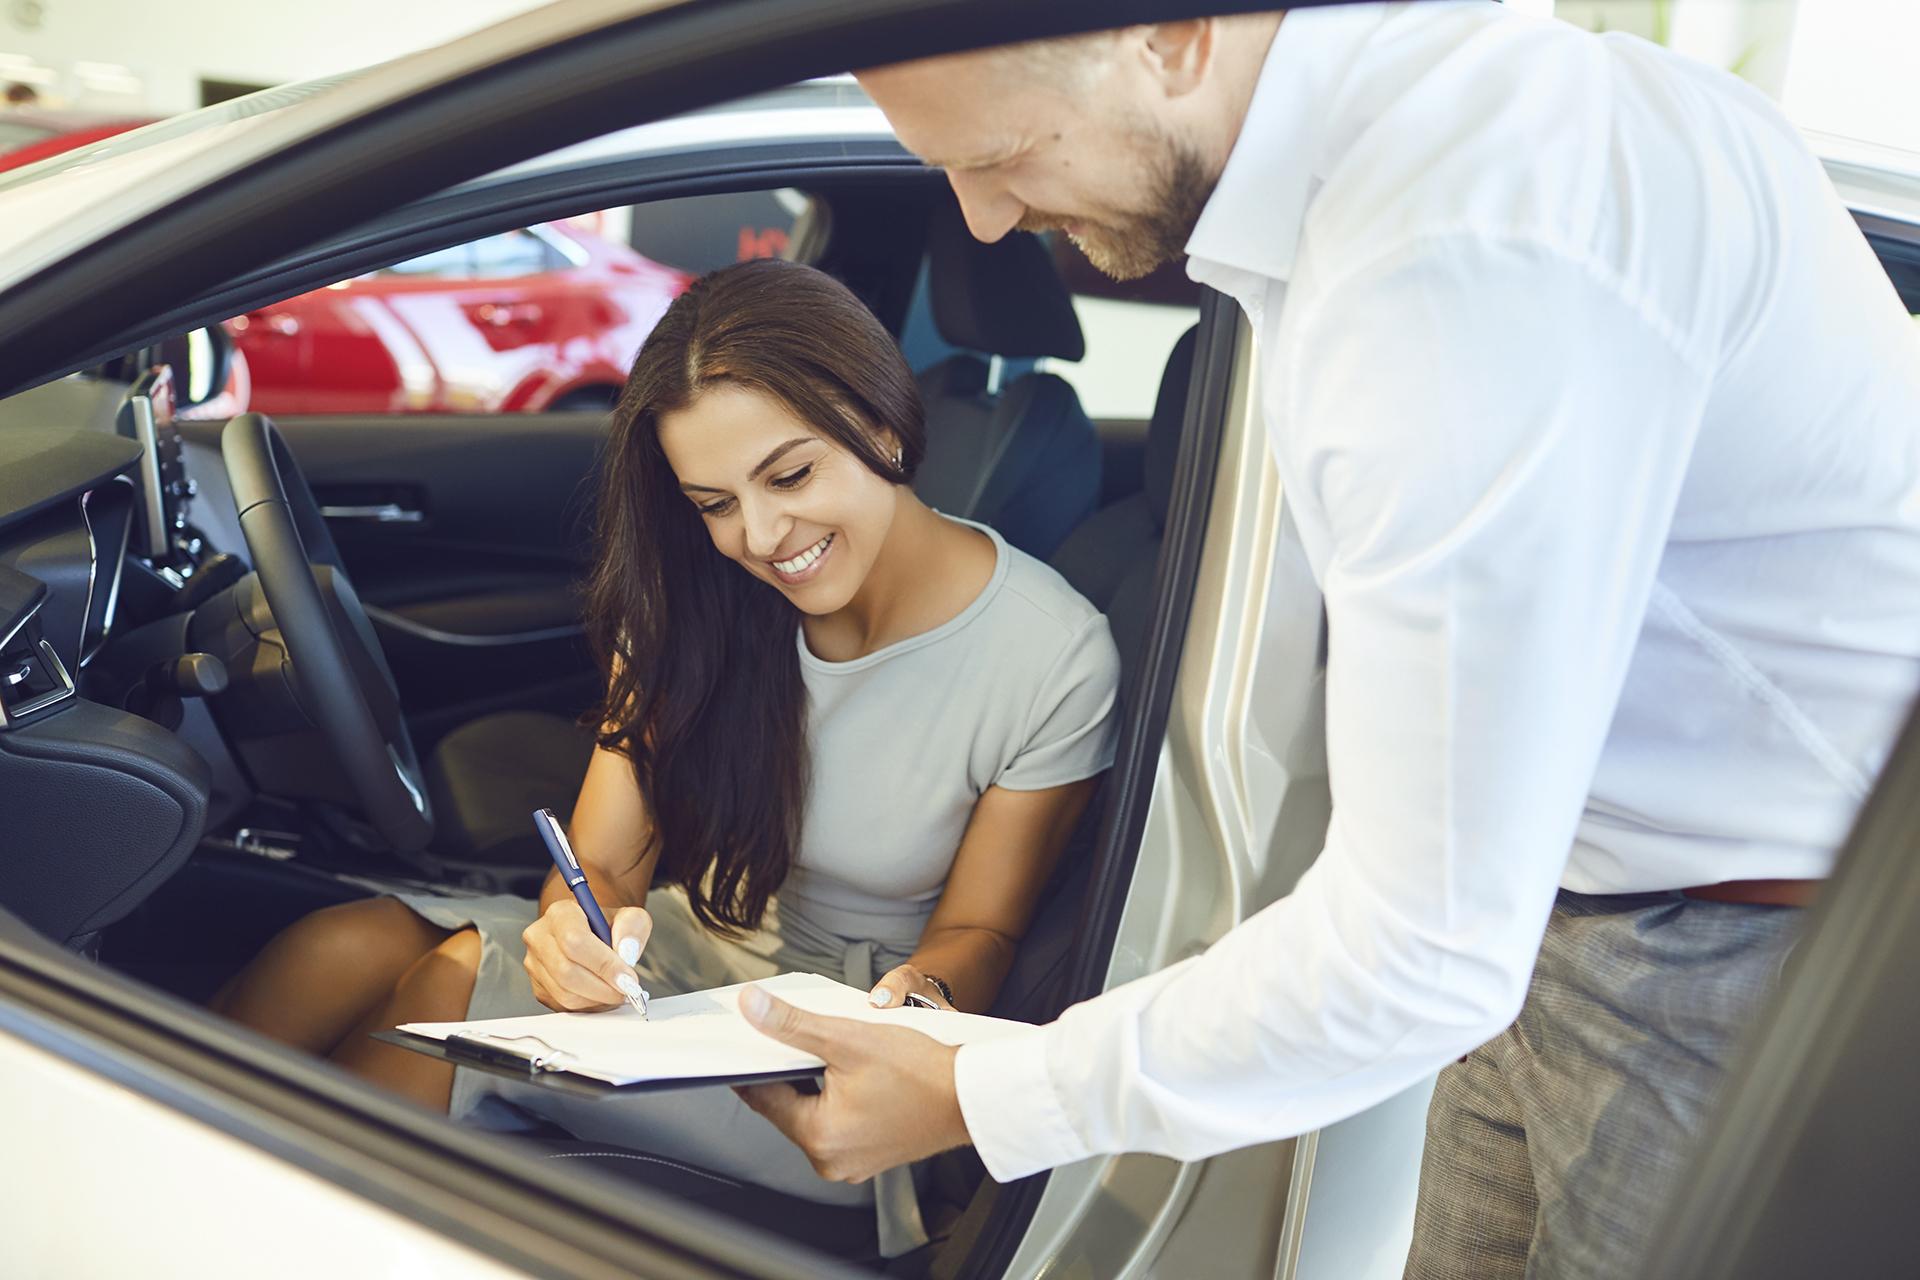 VIN kód vám pomůže, když kupujete ojeté auto